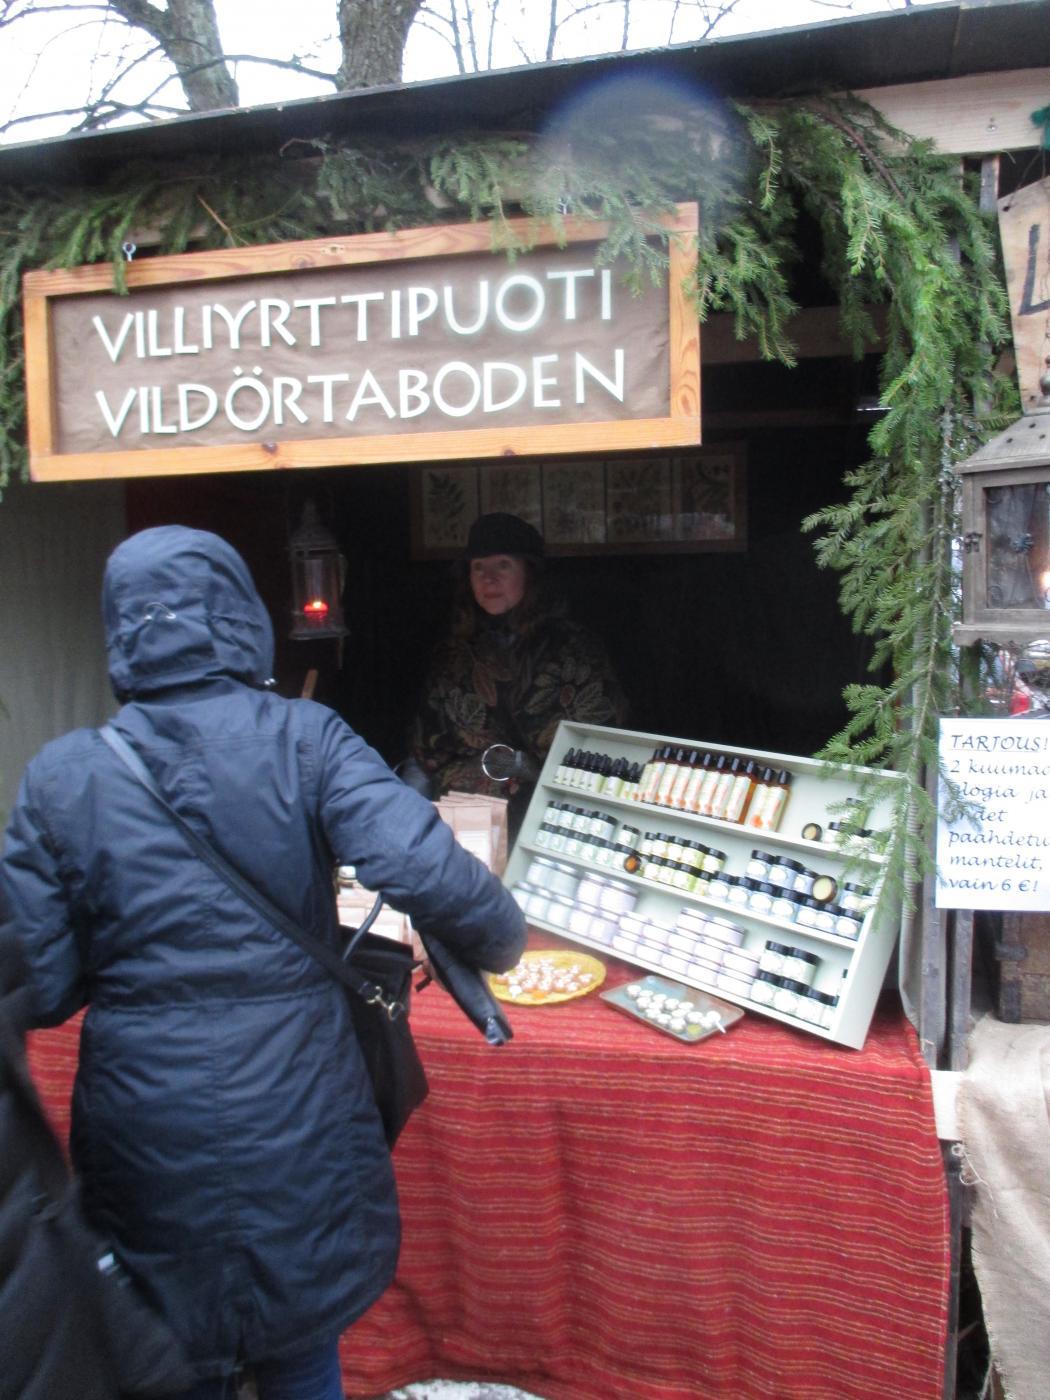 Lohjan Menneen Ajan Joulumarkkinat 12-13.12.2015